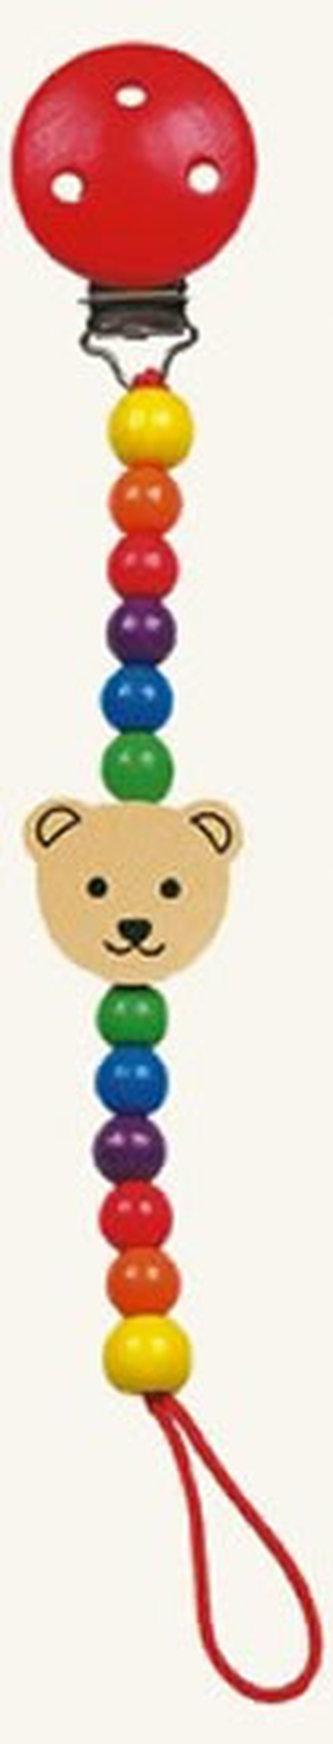 Šnůra na dudlík - medvěd - Pippa - neuveden